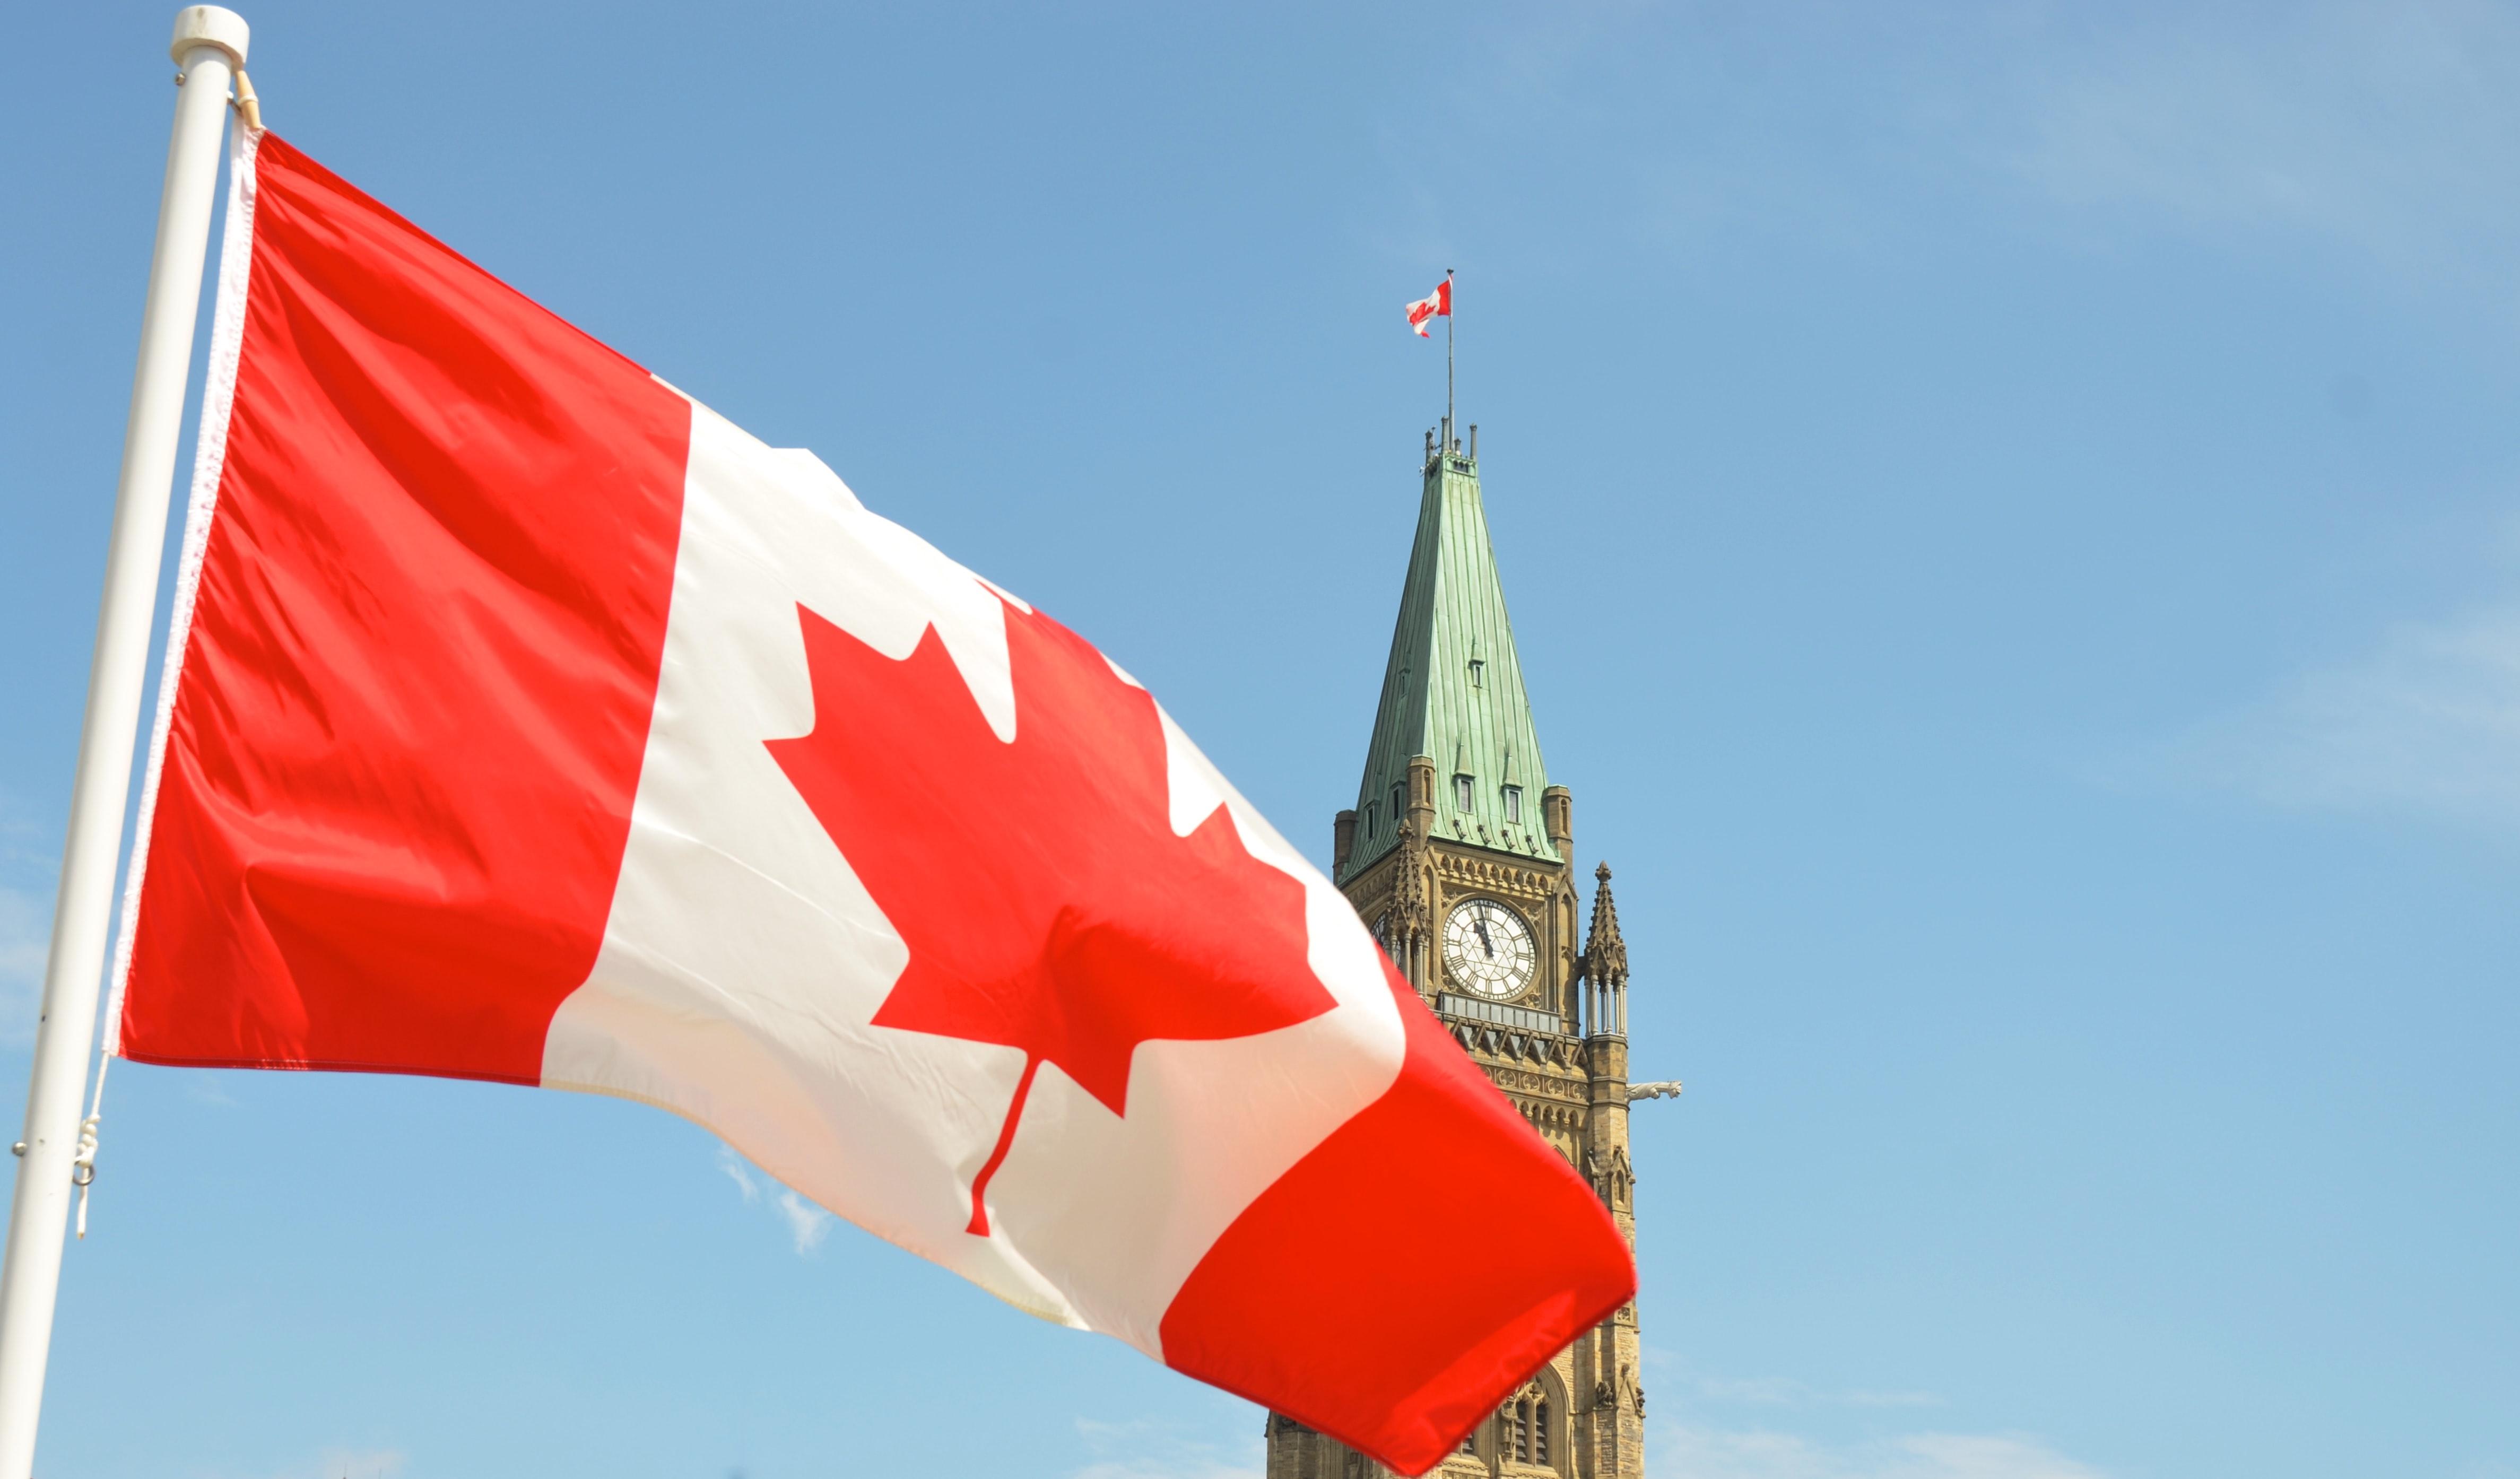 2020加拿大移民政策回顾,明年将进一步降低门槛?(图2)